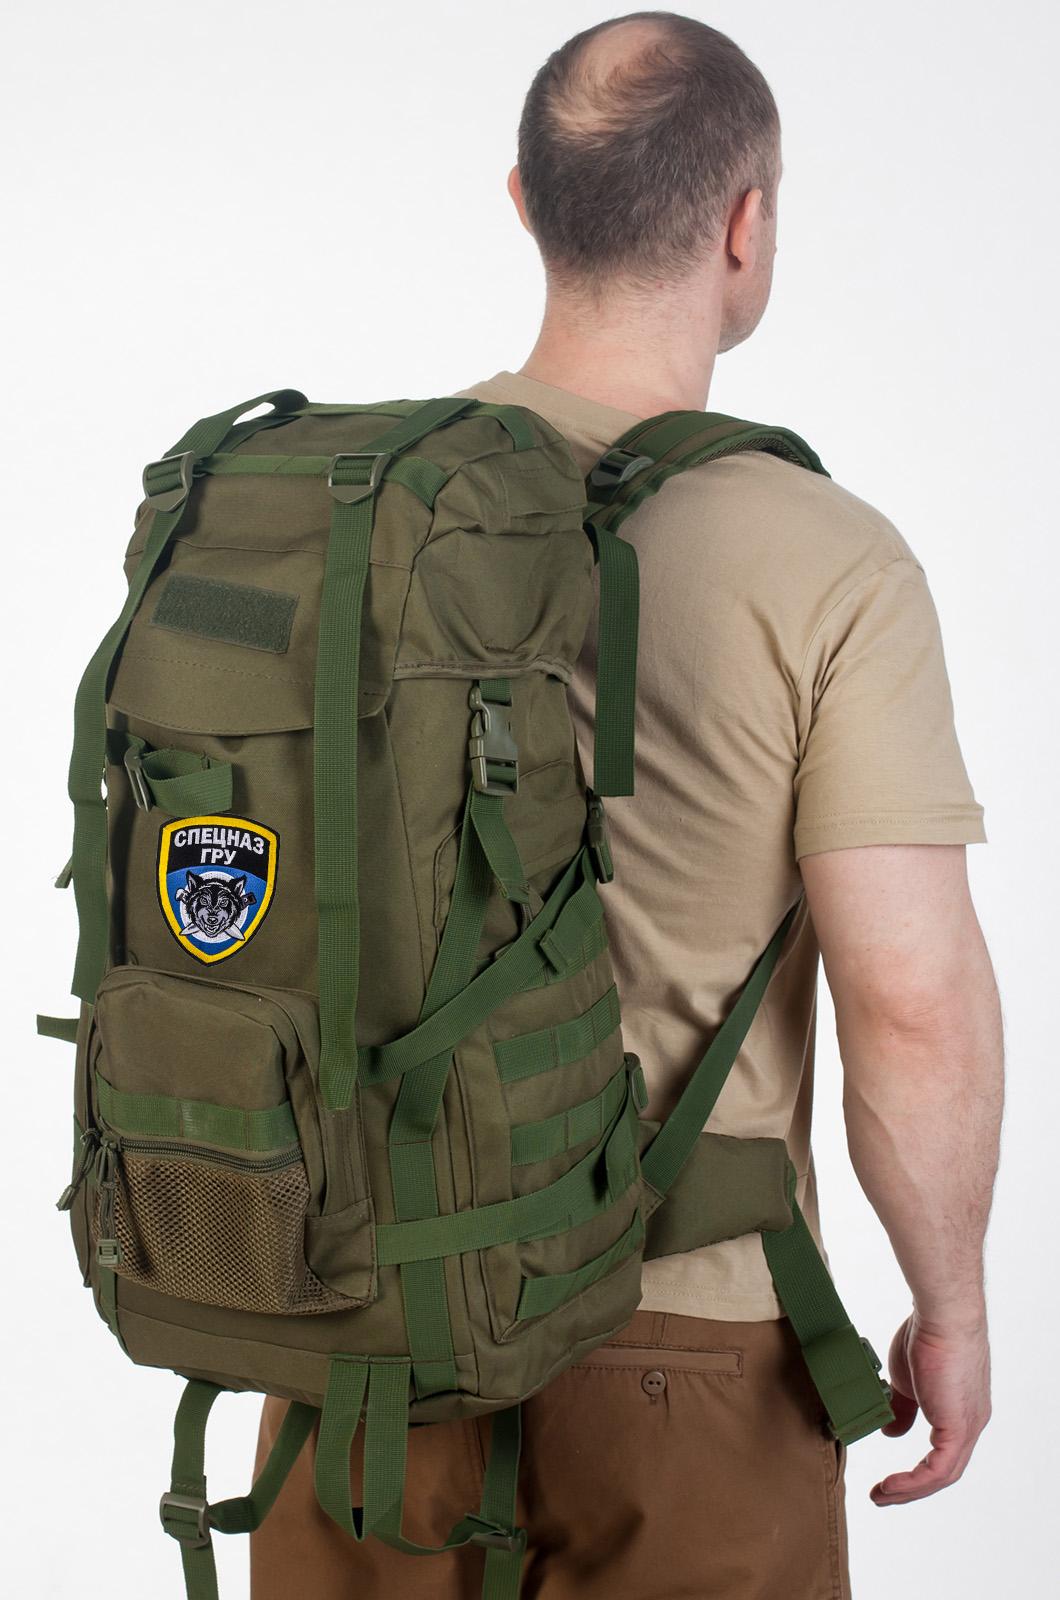 Купить в Москве рейдовые рюкзак Спецназа ГРУ